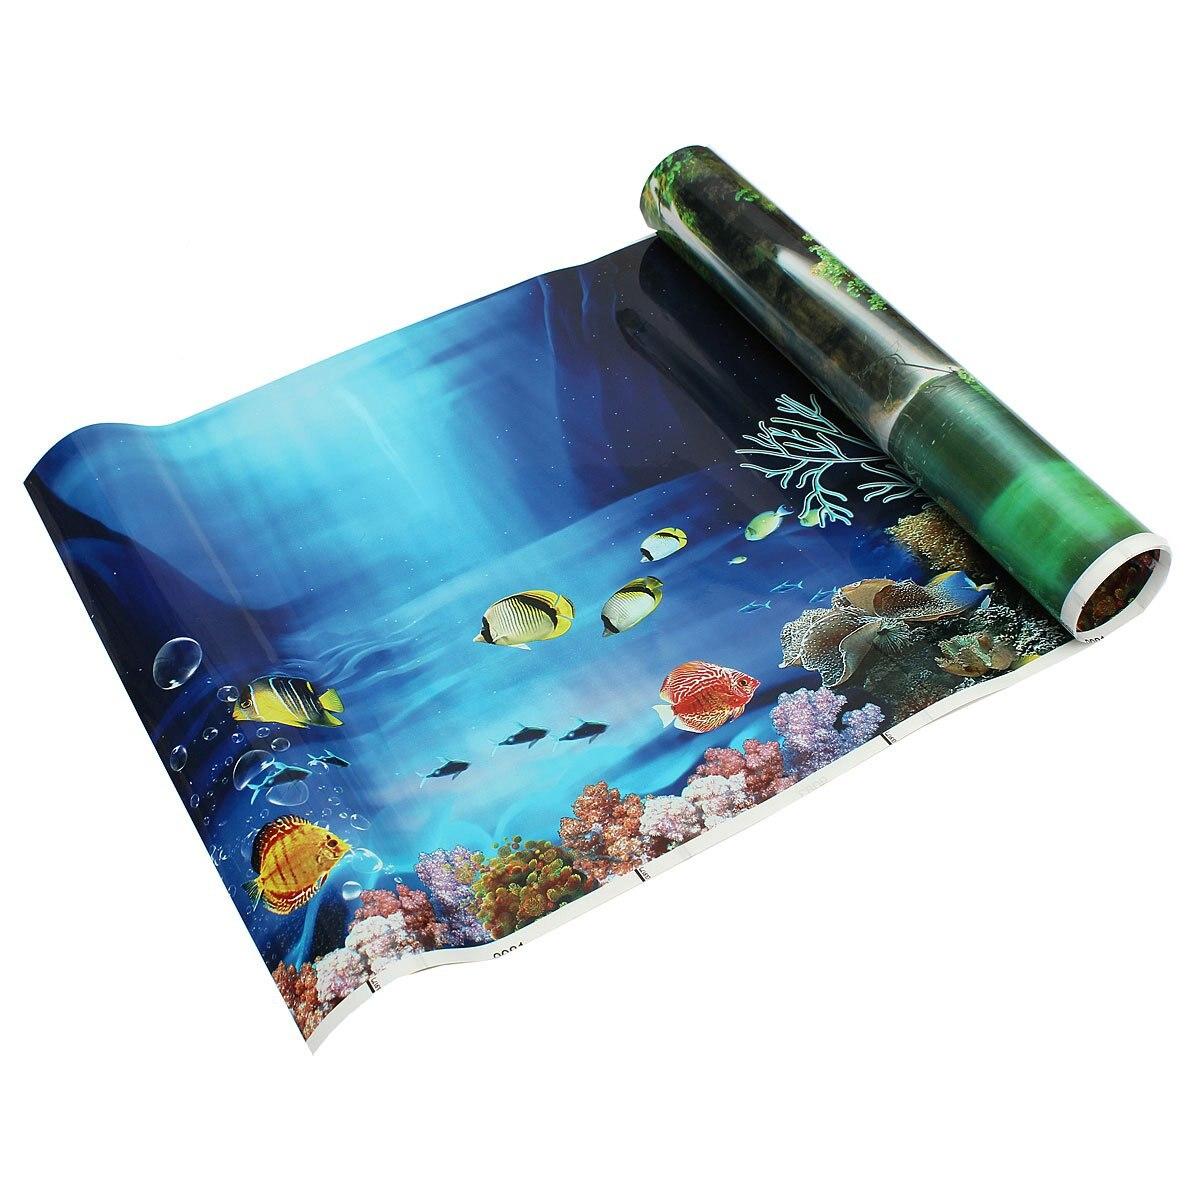 Systematisch Ppyy Neue-blau Frische Meer Hintergrund Aquarium Ozean Landschaft Poster Aquarium Hintergrund Hochglanzpoliert